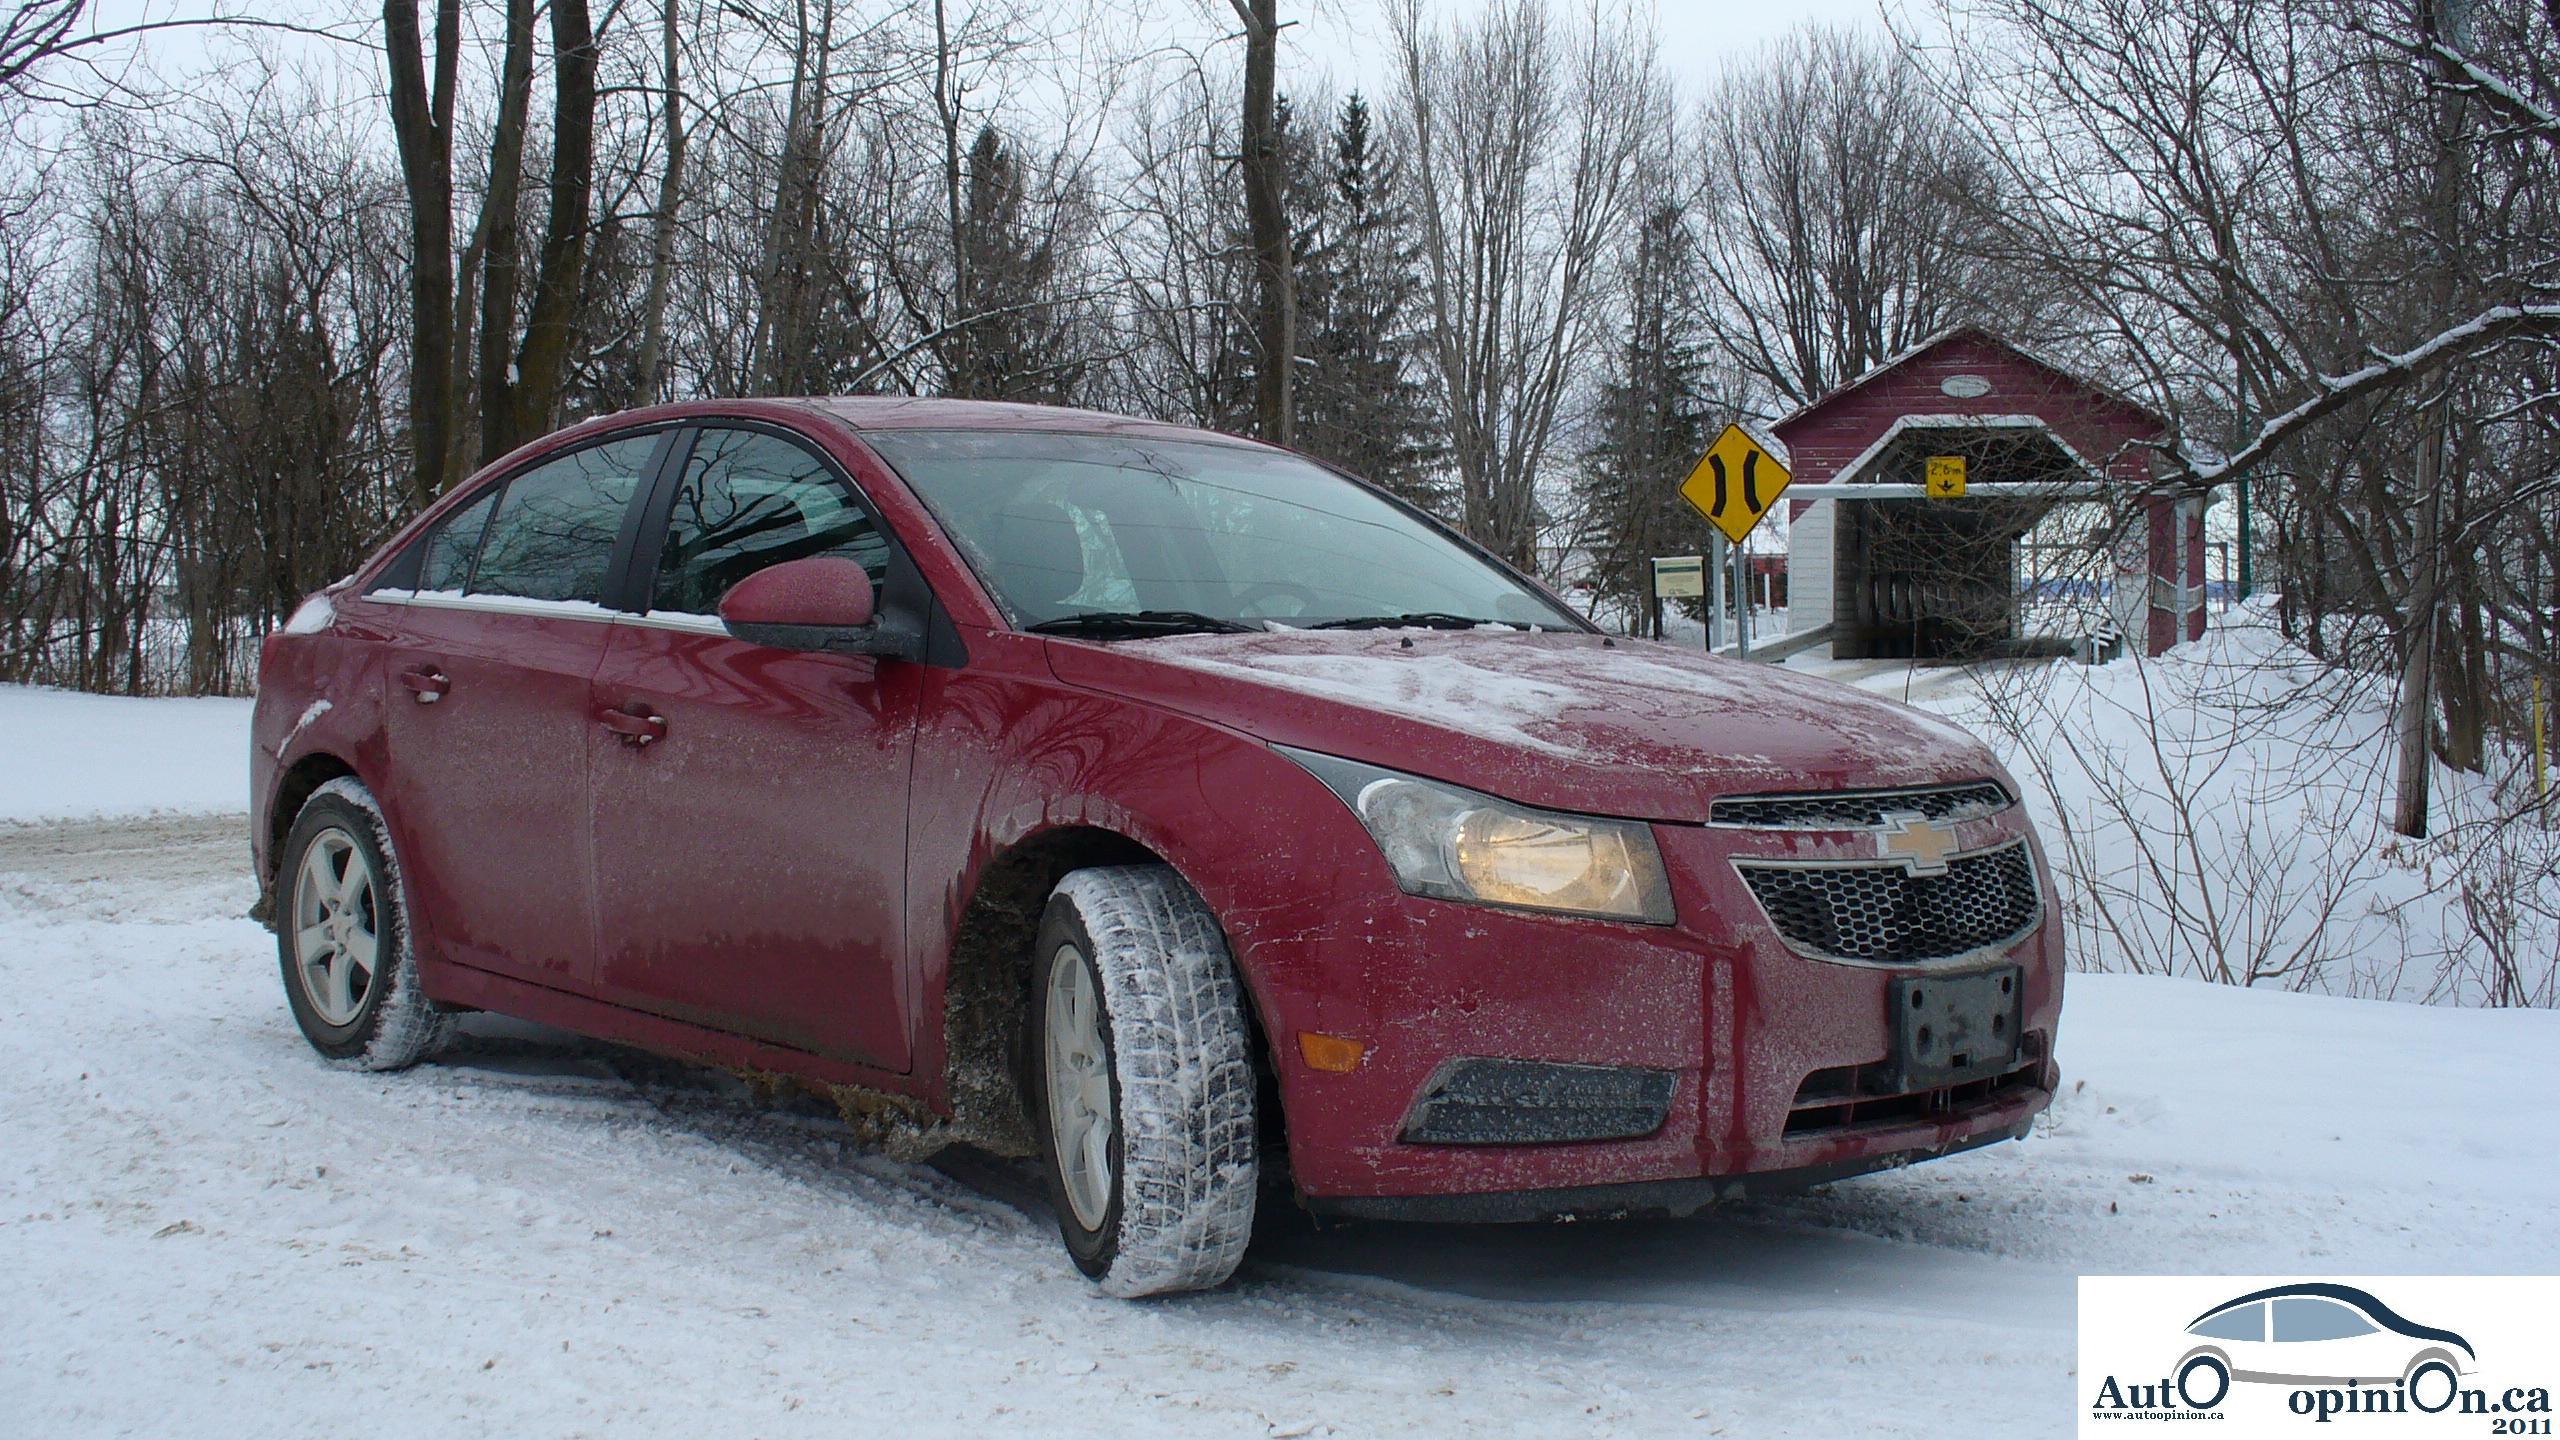 Essai routier complet: Chevrolet Cruze 2011